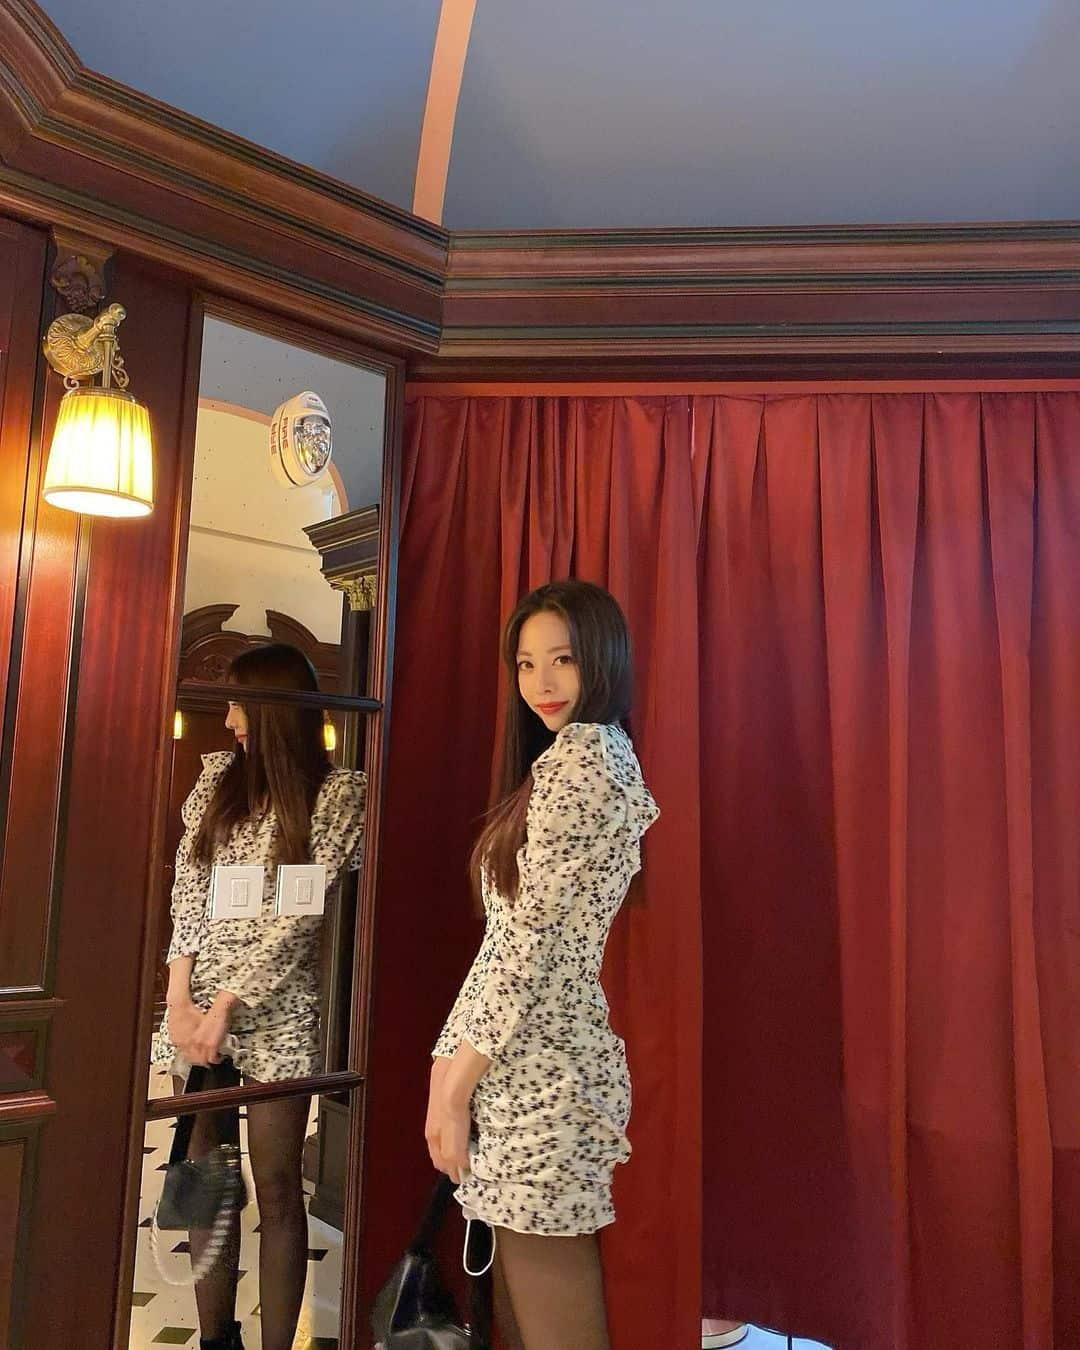 은지의 패션은 데이트룩이나 소개팅룩으로 활용하기 좋고 키 큰 녀들이 참고하기 적합한 스타일링 - 은지 인스타그램 출처